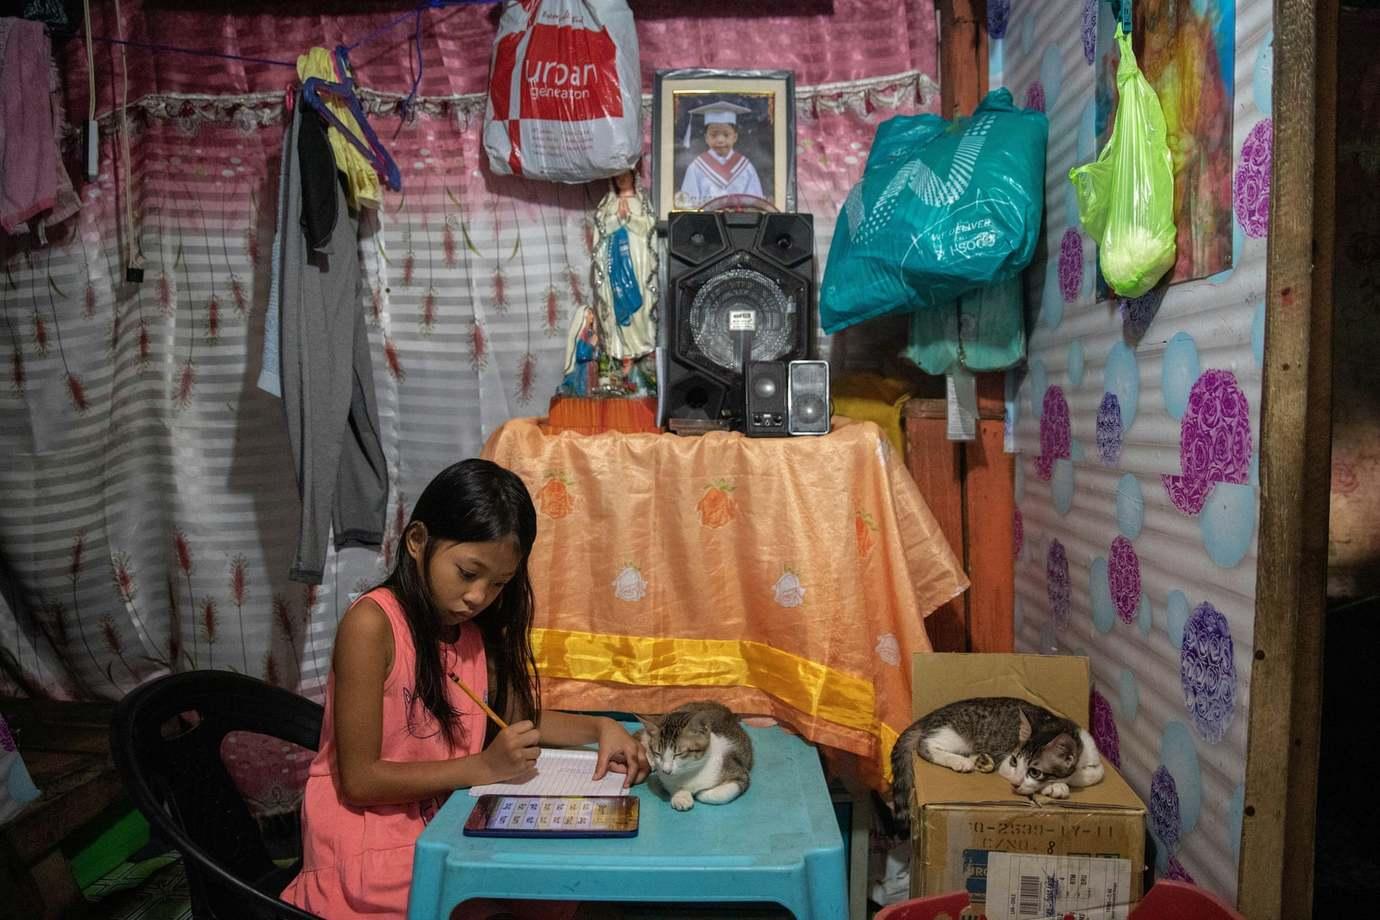 onlineinphilippines6